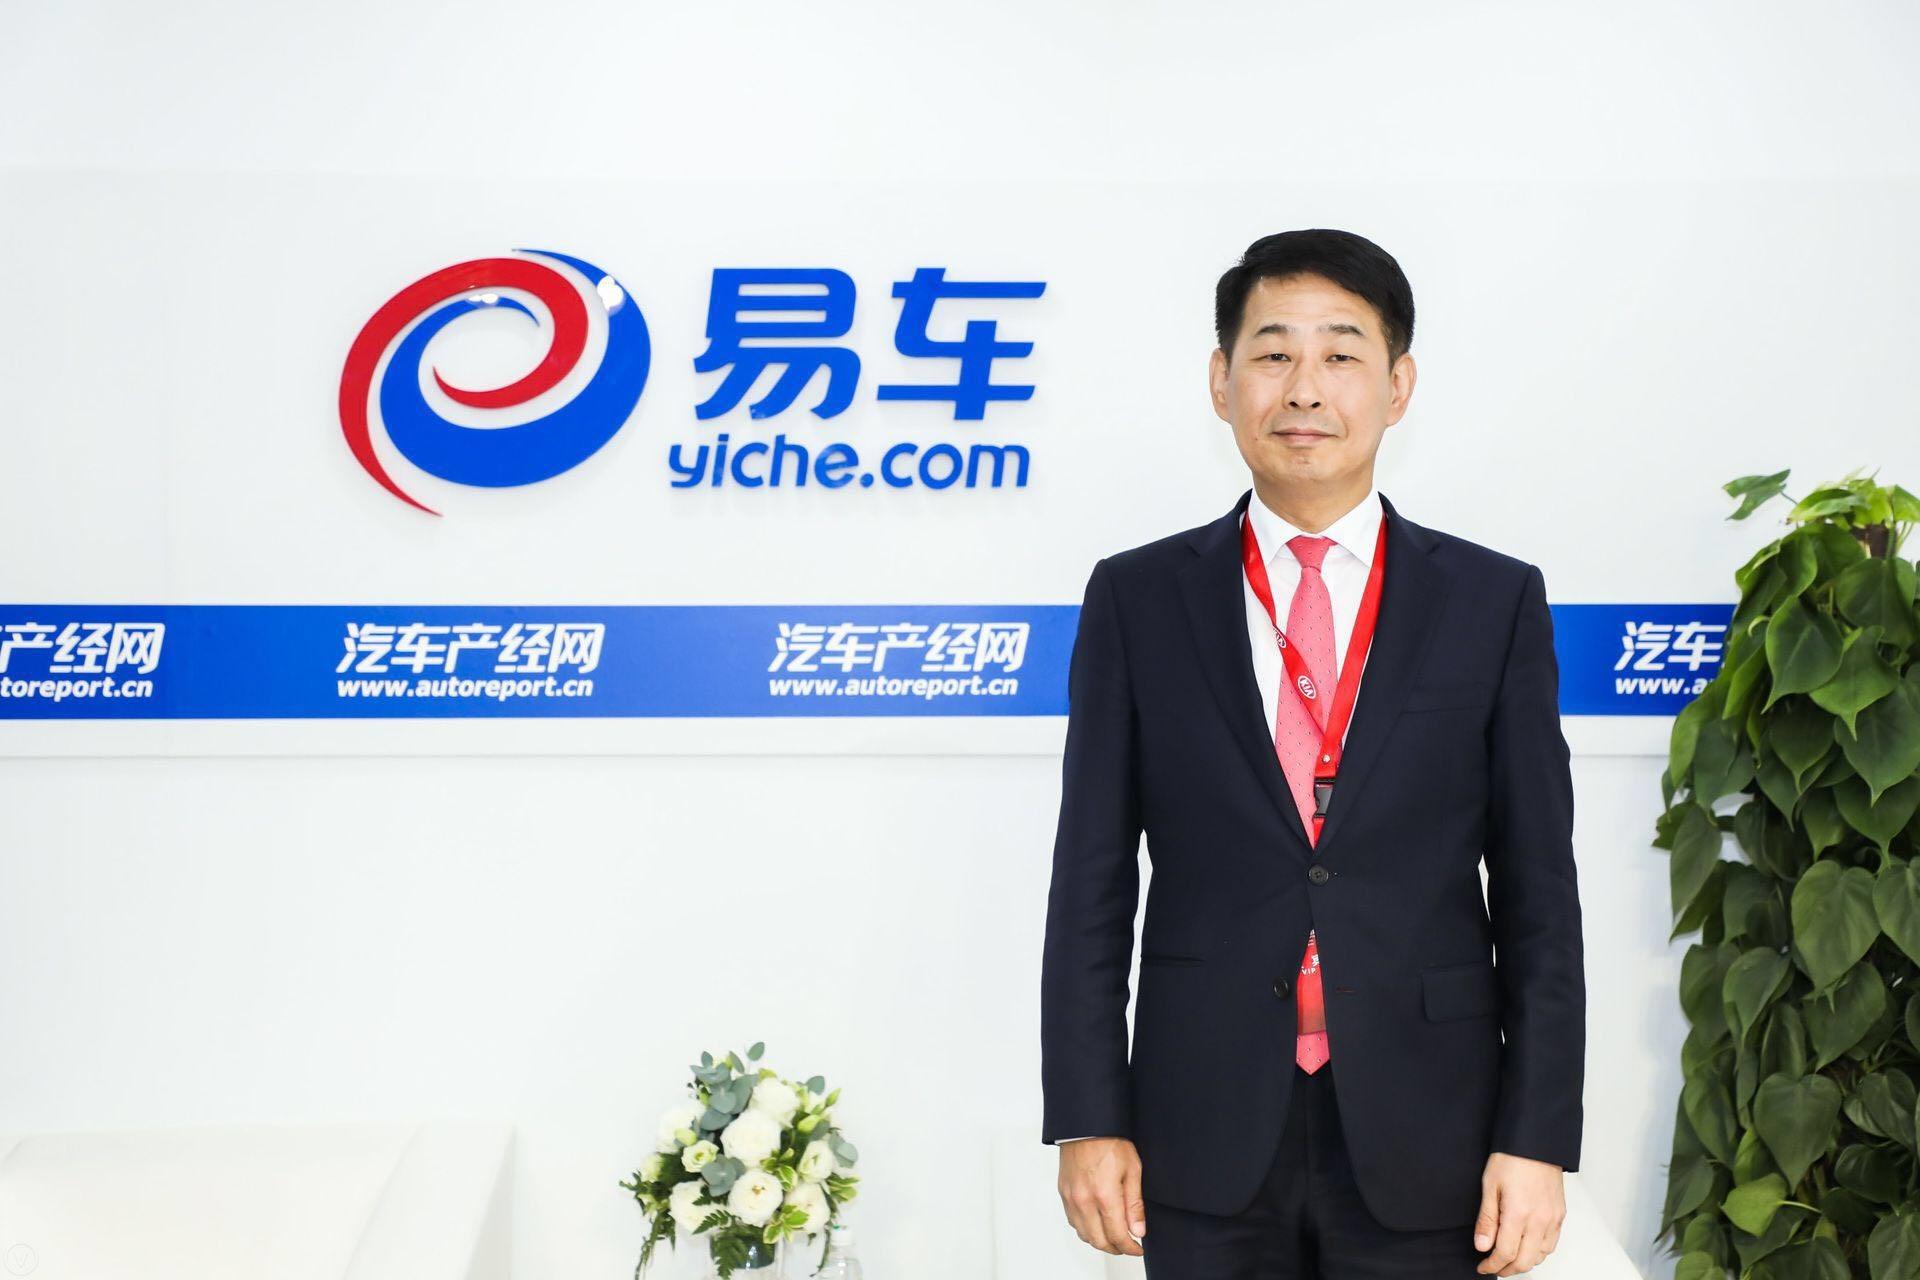 郑淳元:2018东风悦达起亚启动顾客感谢年 向50万销量目标迈进